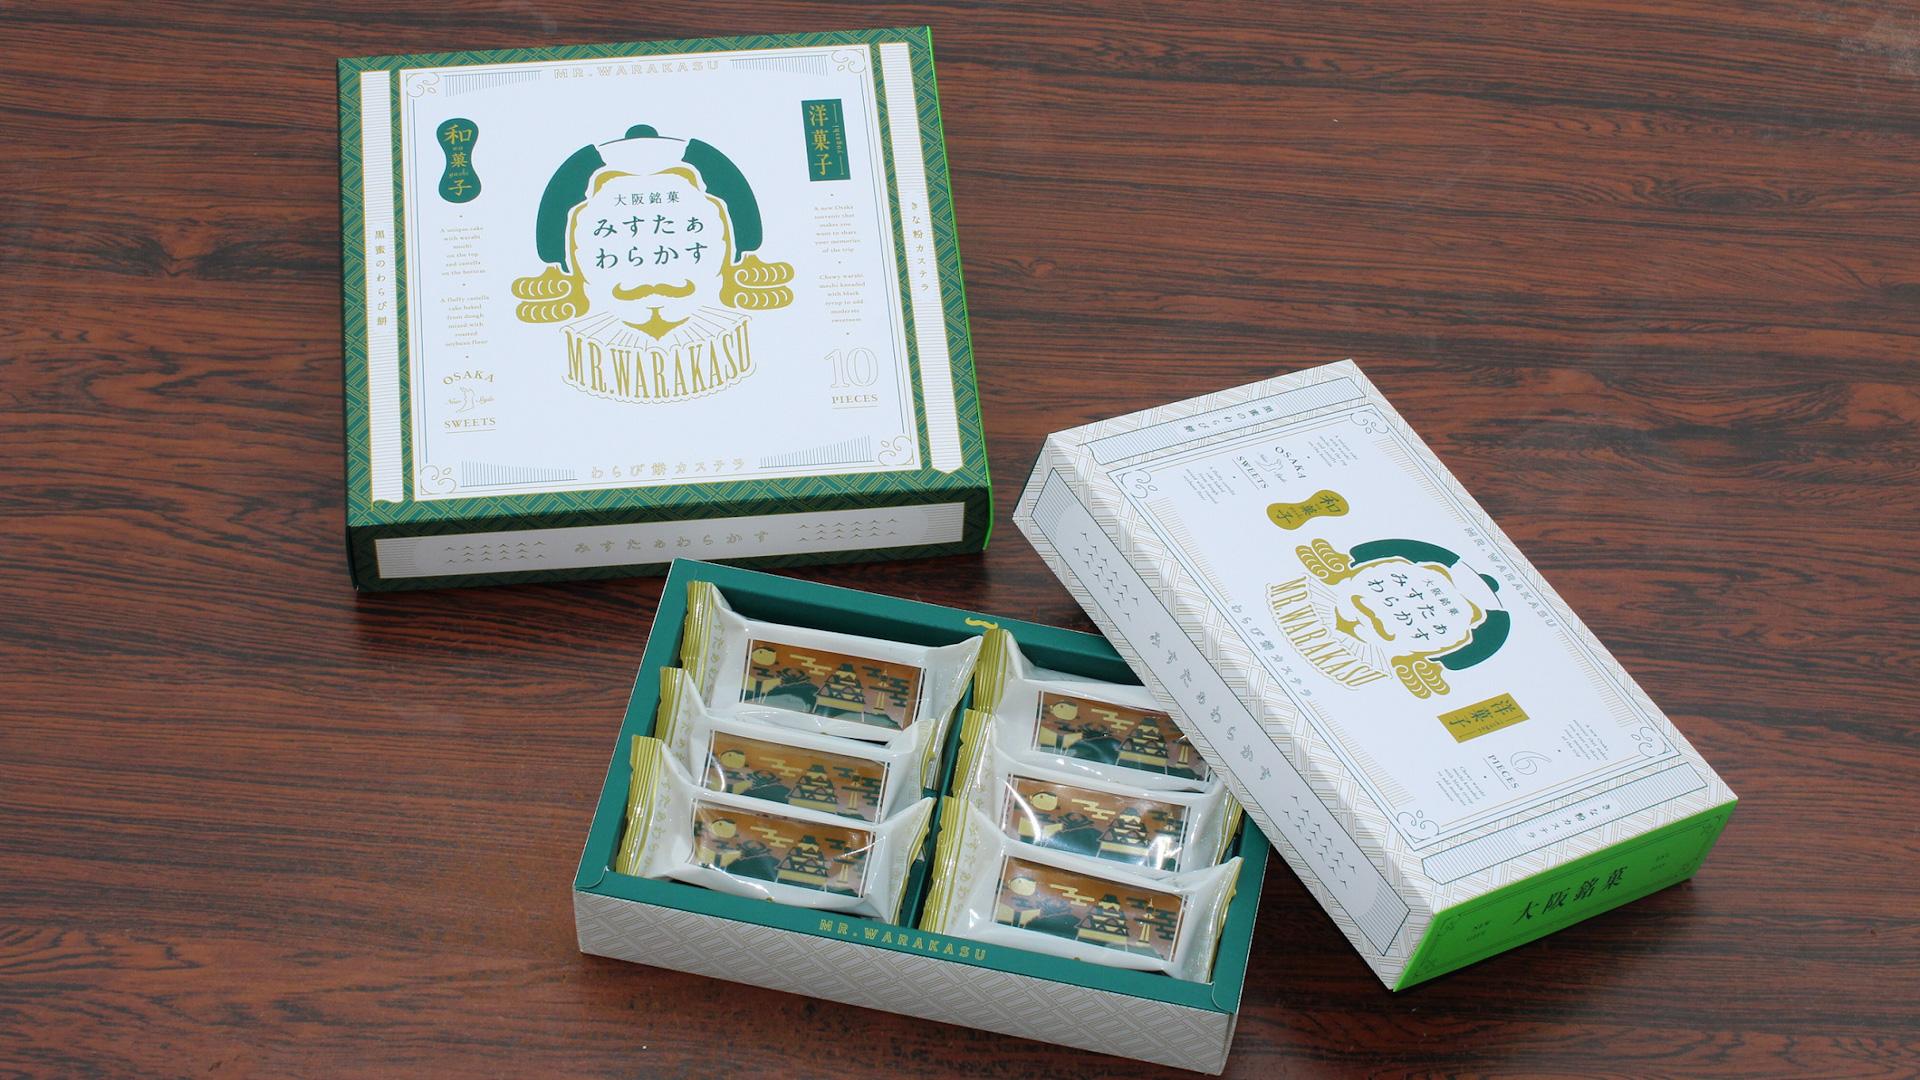 大阪駅で買えるおすすめのお土産31選!人気の定番お菓子や限定品もご紹介